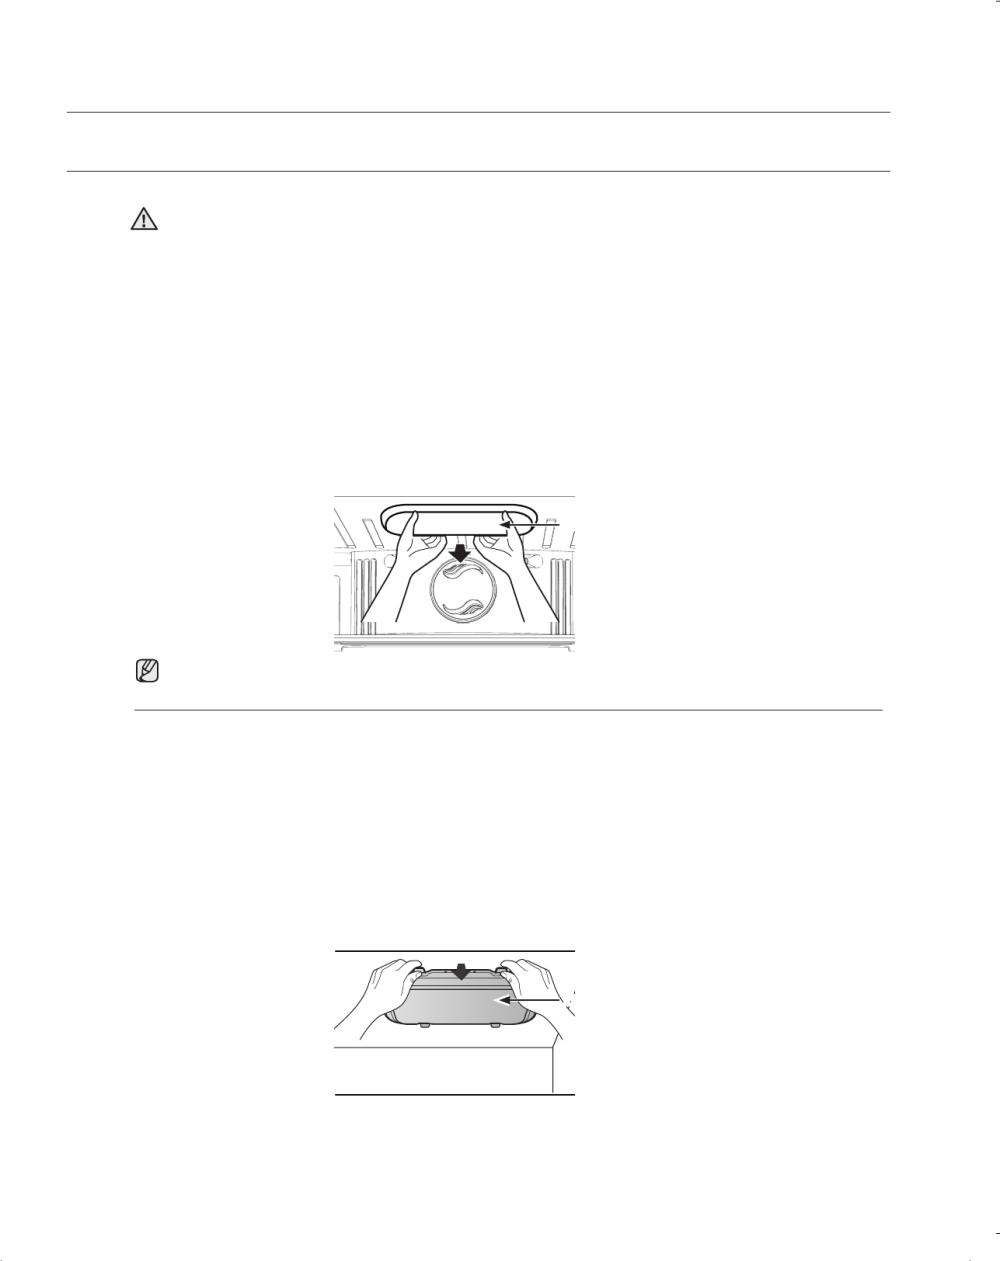 medium resolution of refrigerator light replacement